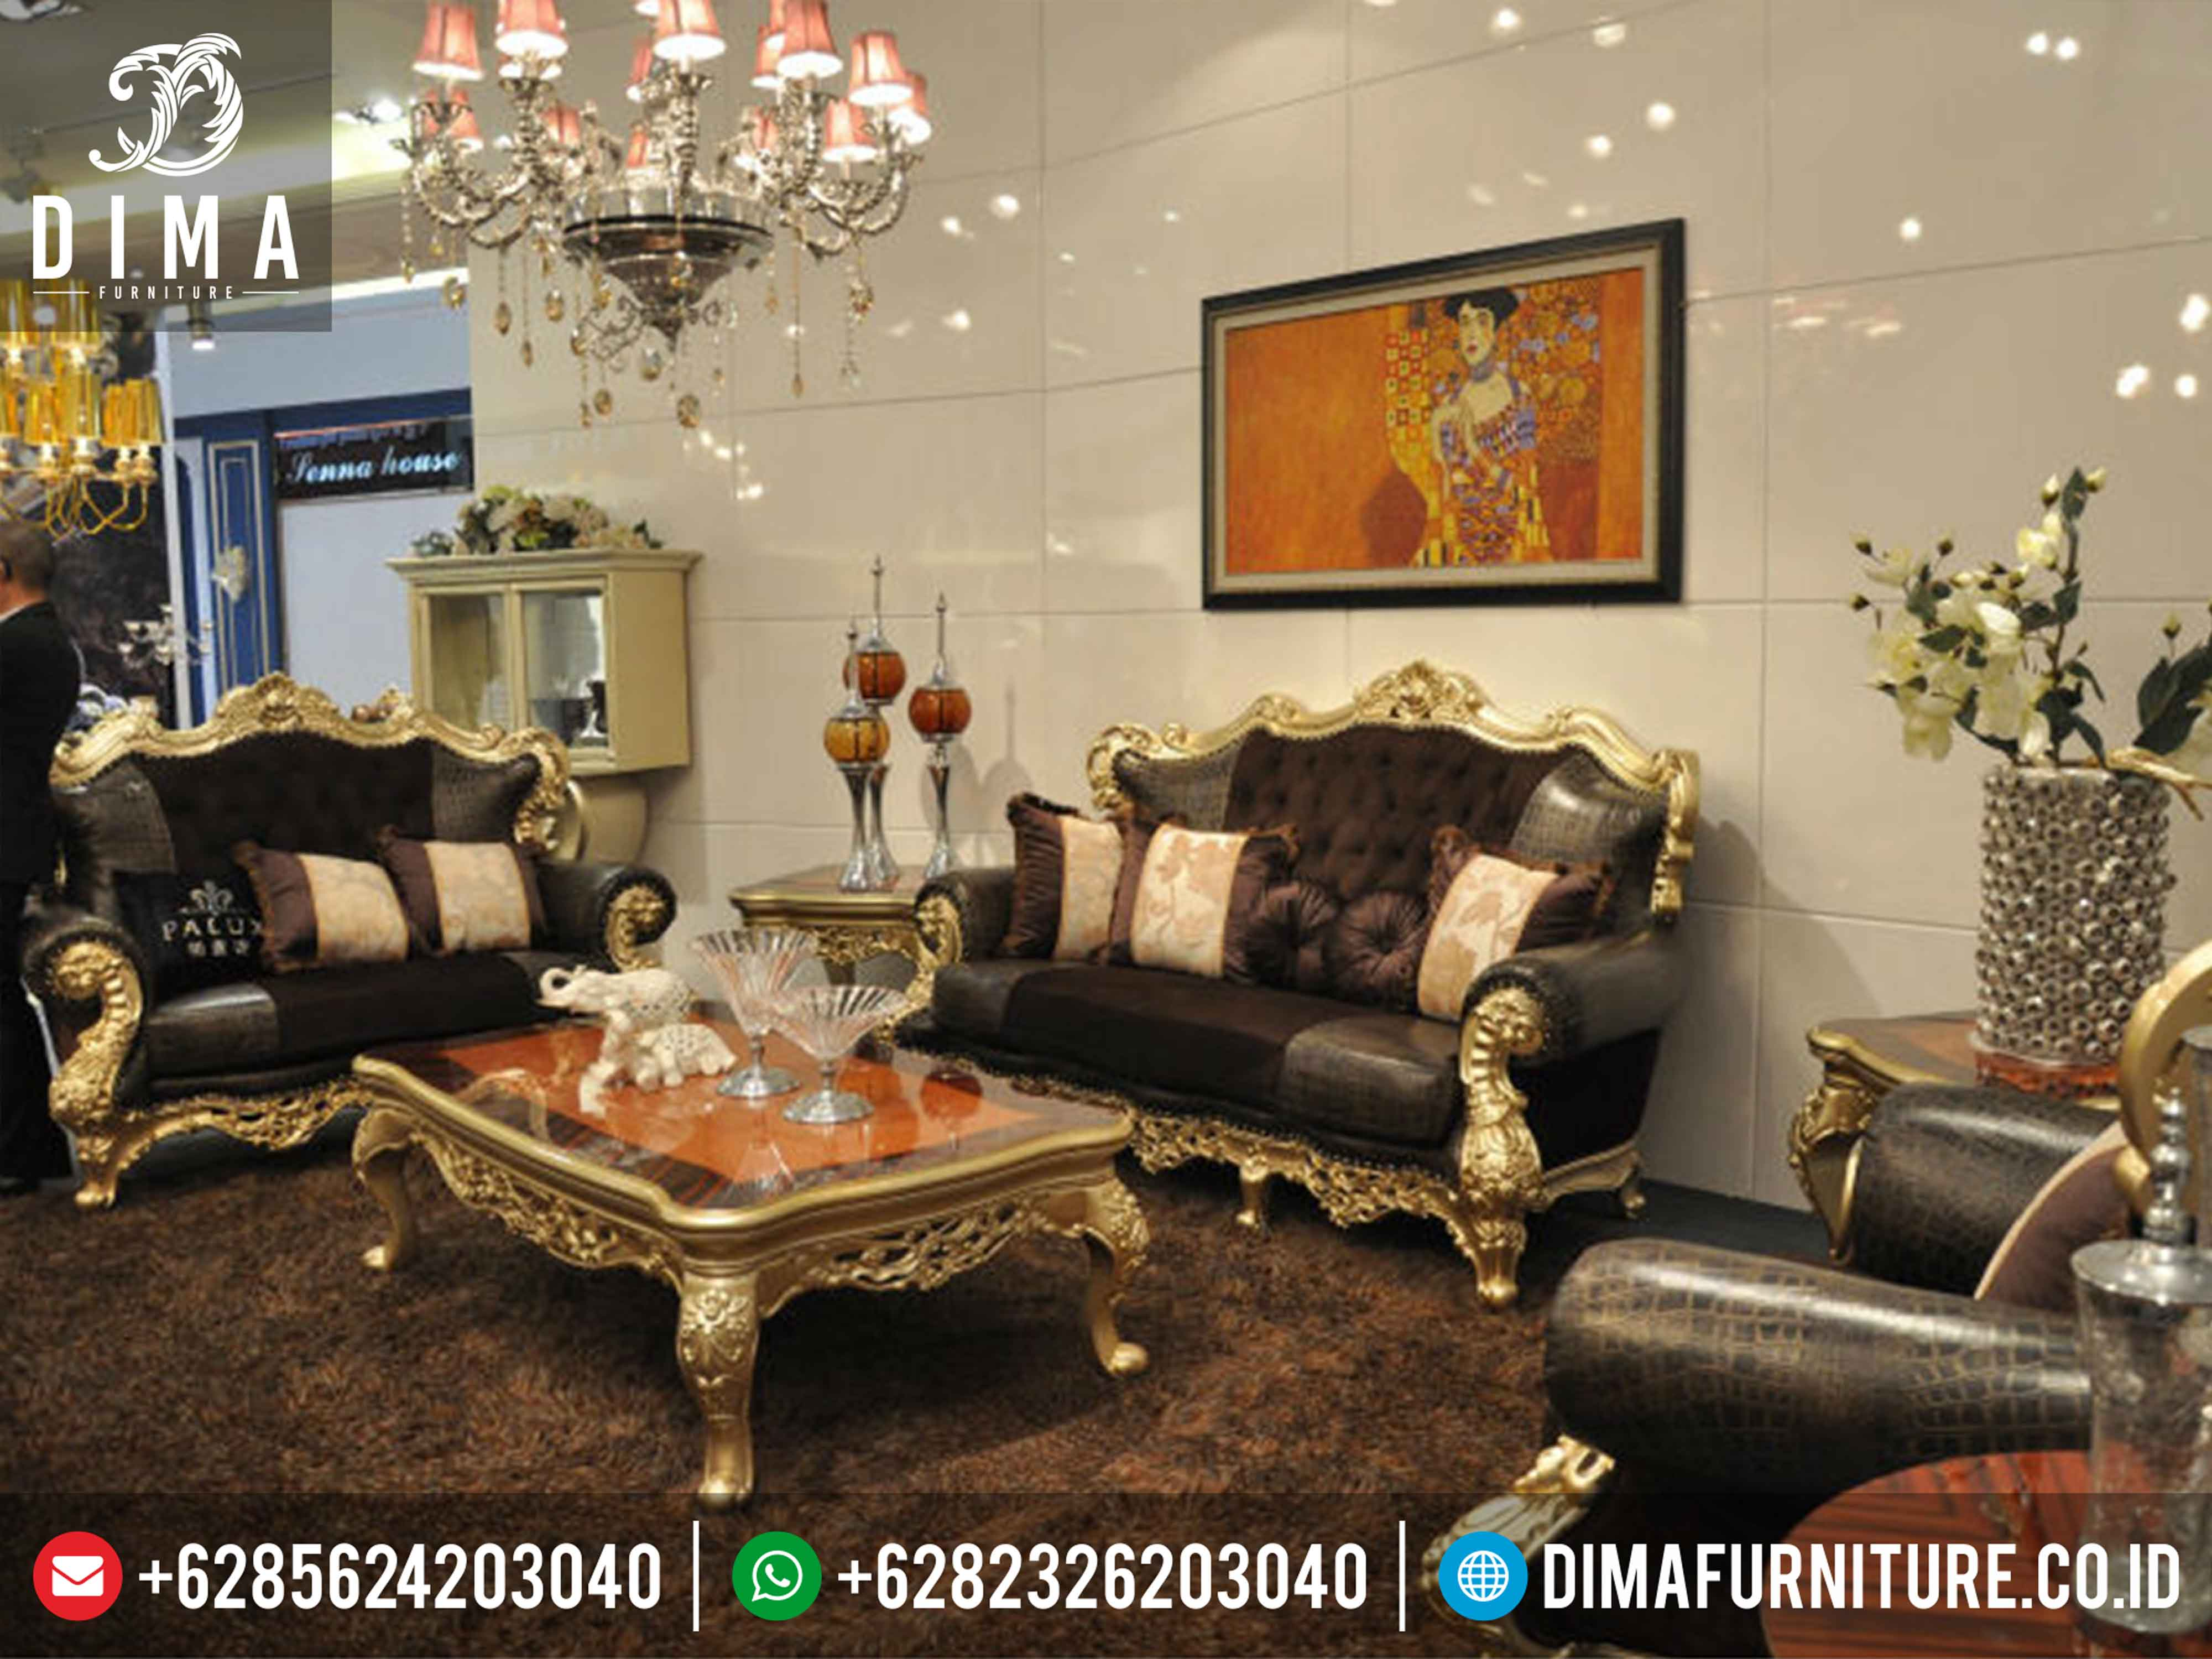 Sofa Ruang Tamu Mewah Gaya Eropa Italian Mebel Jepara Terbaru ST-0333